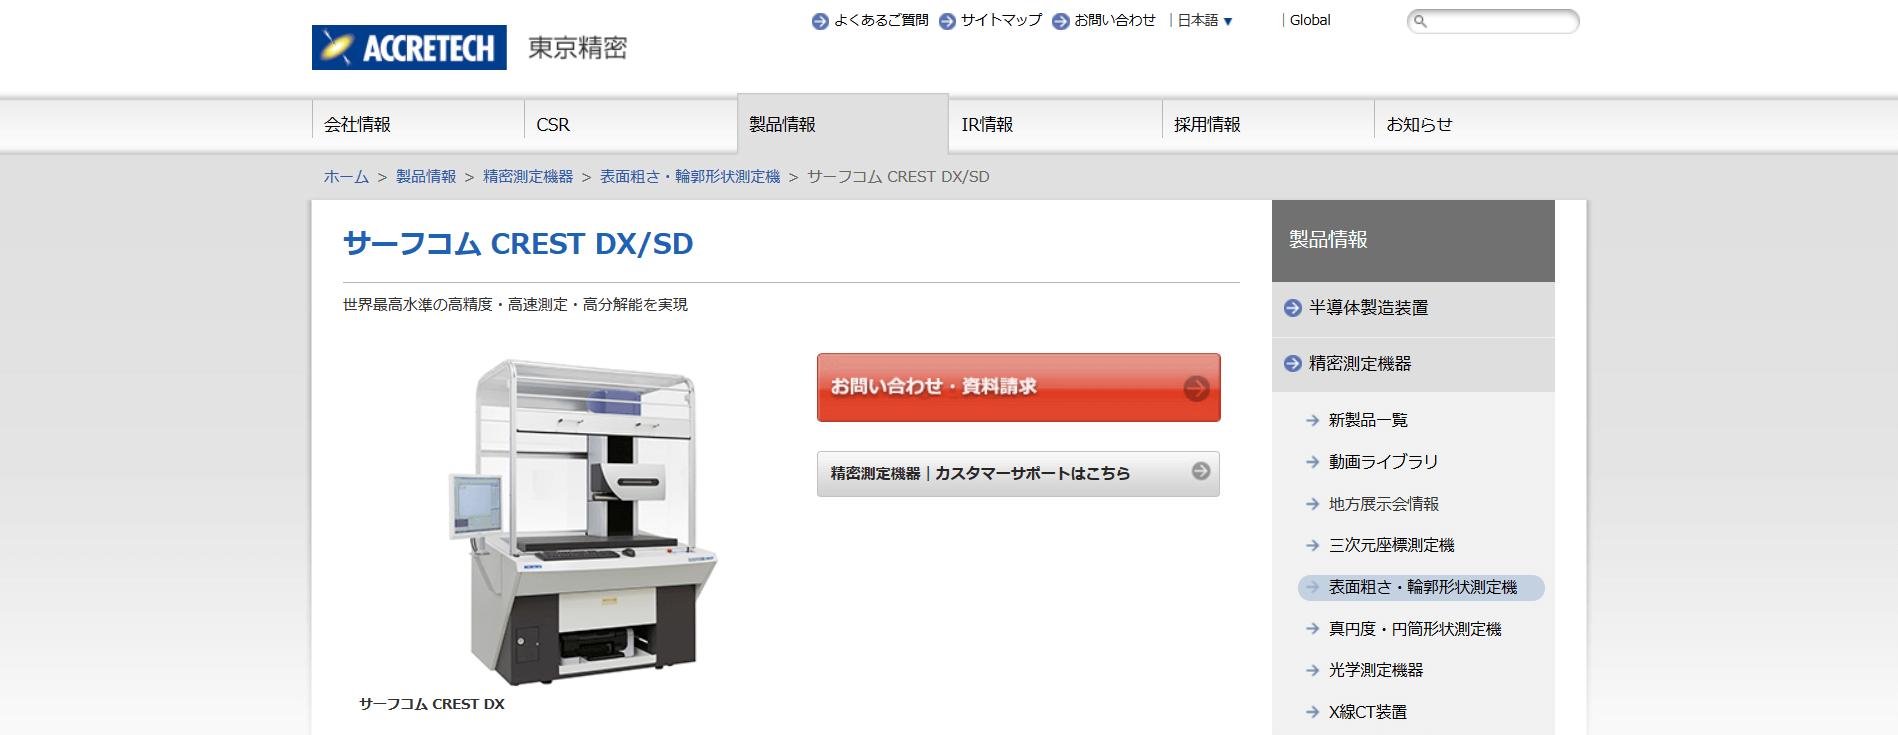 サーフコム CREST DX/SD